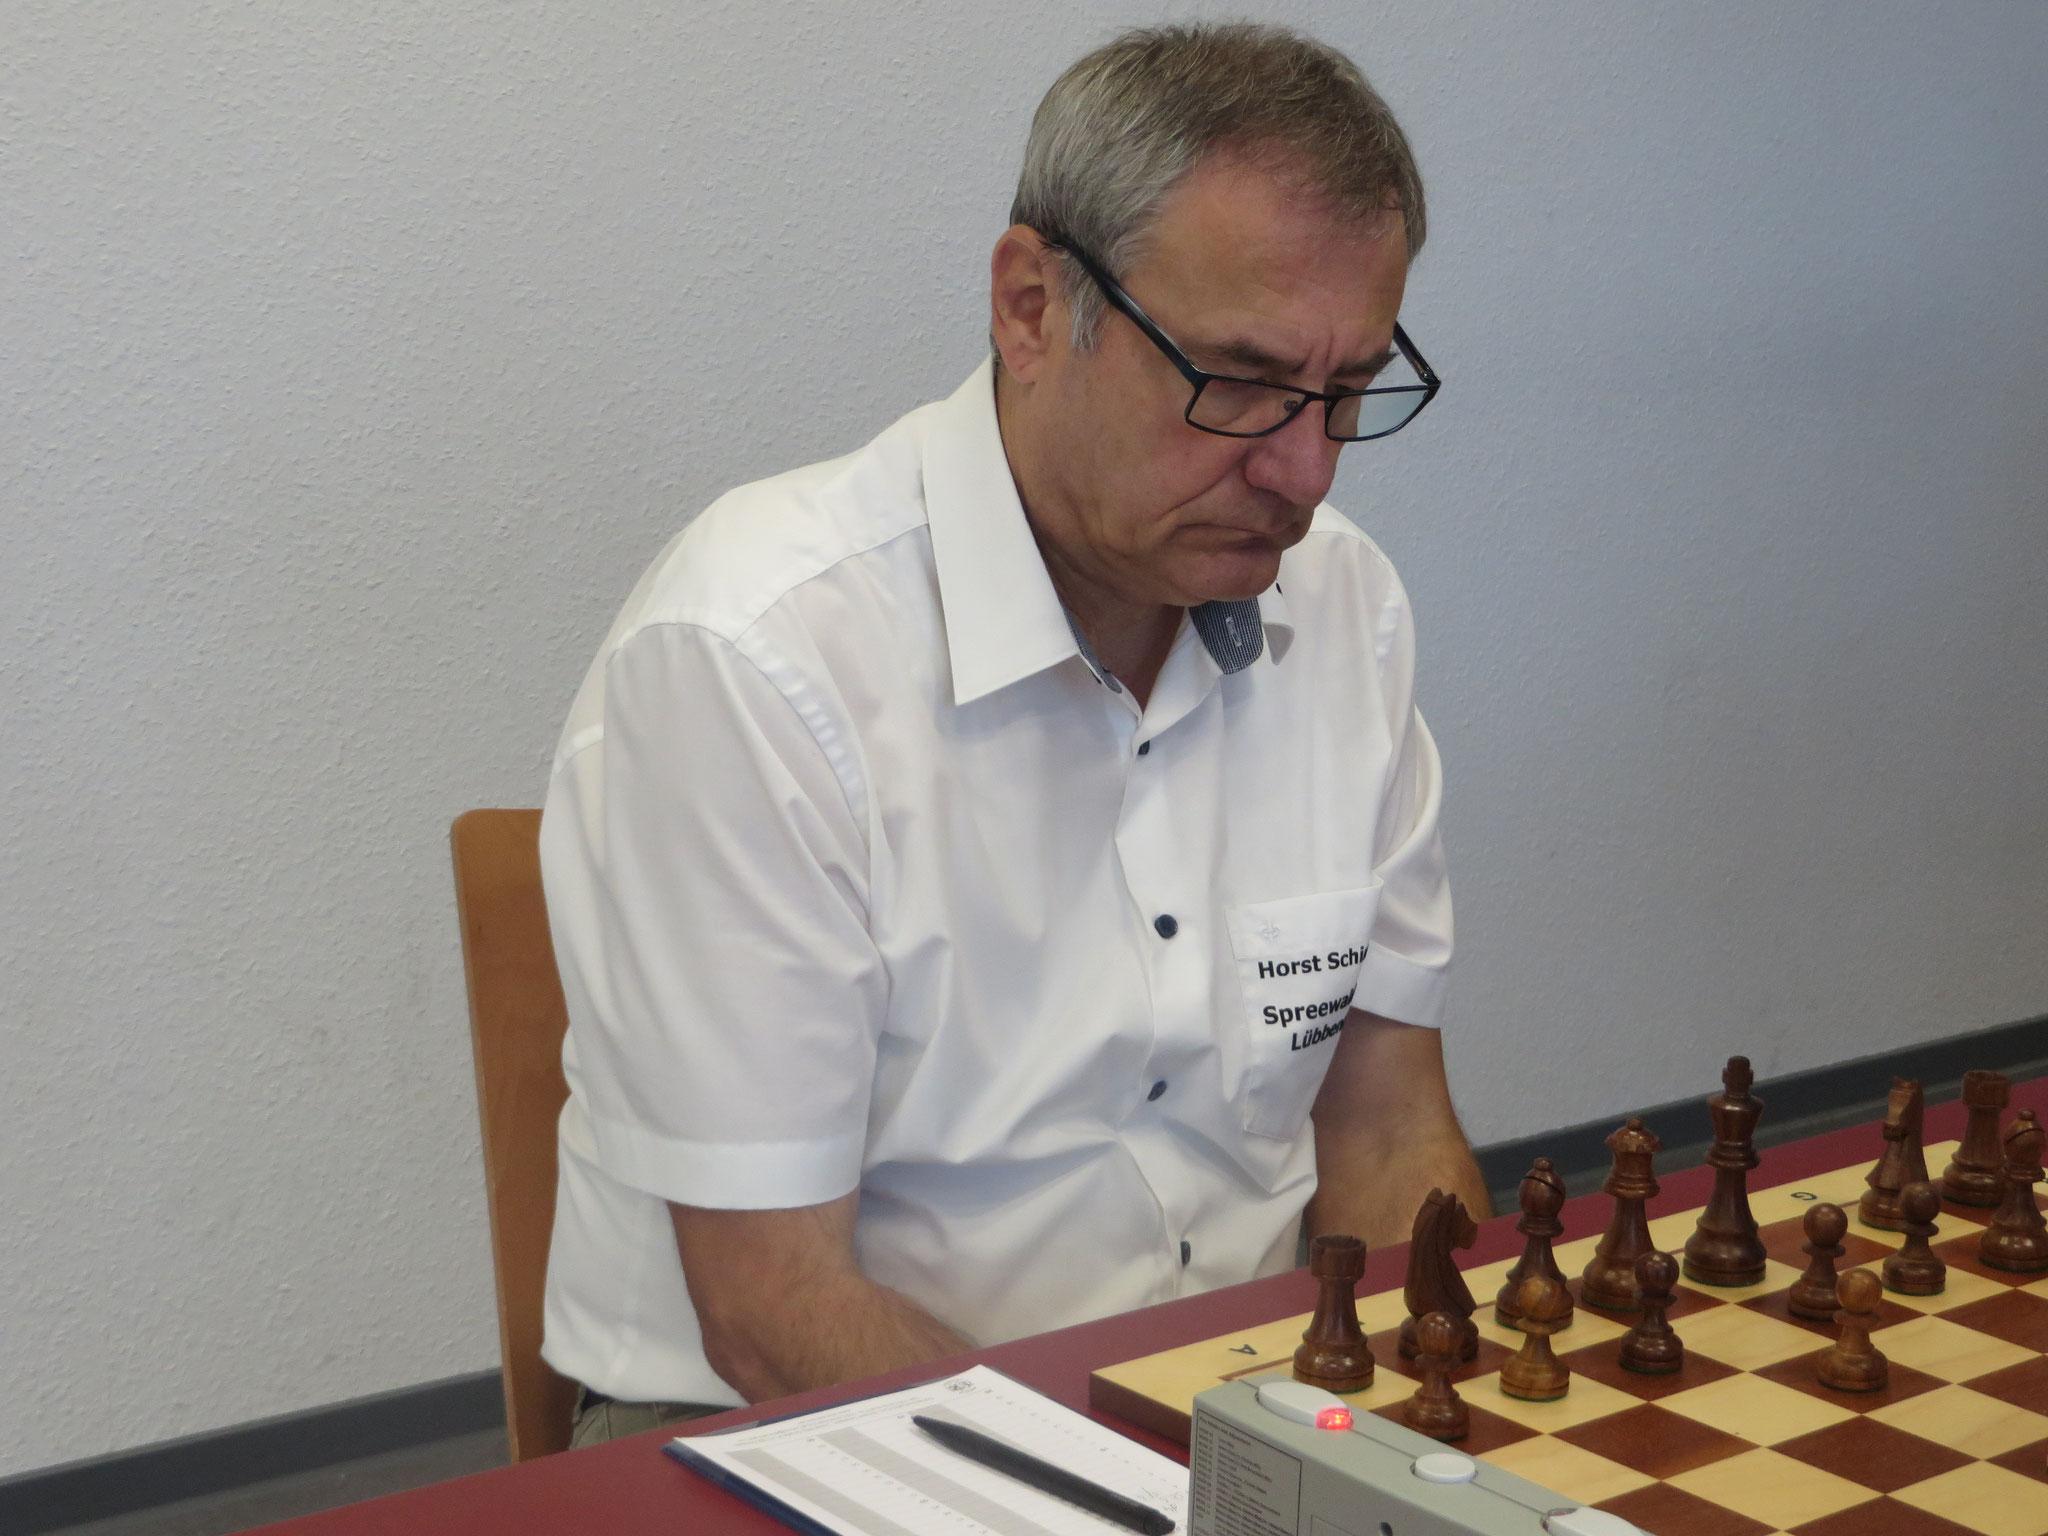 An Brett 4 für uns Horst Schinagl am Start